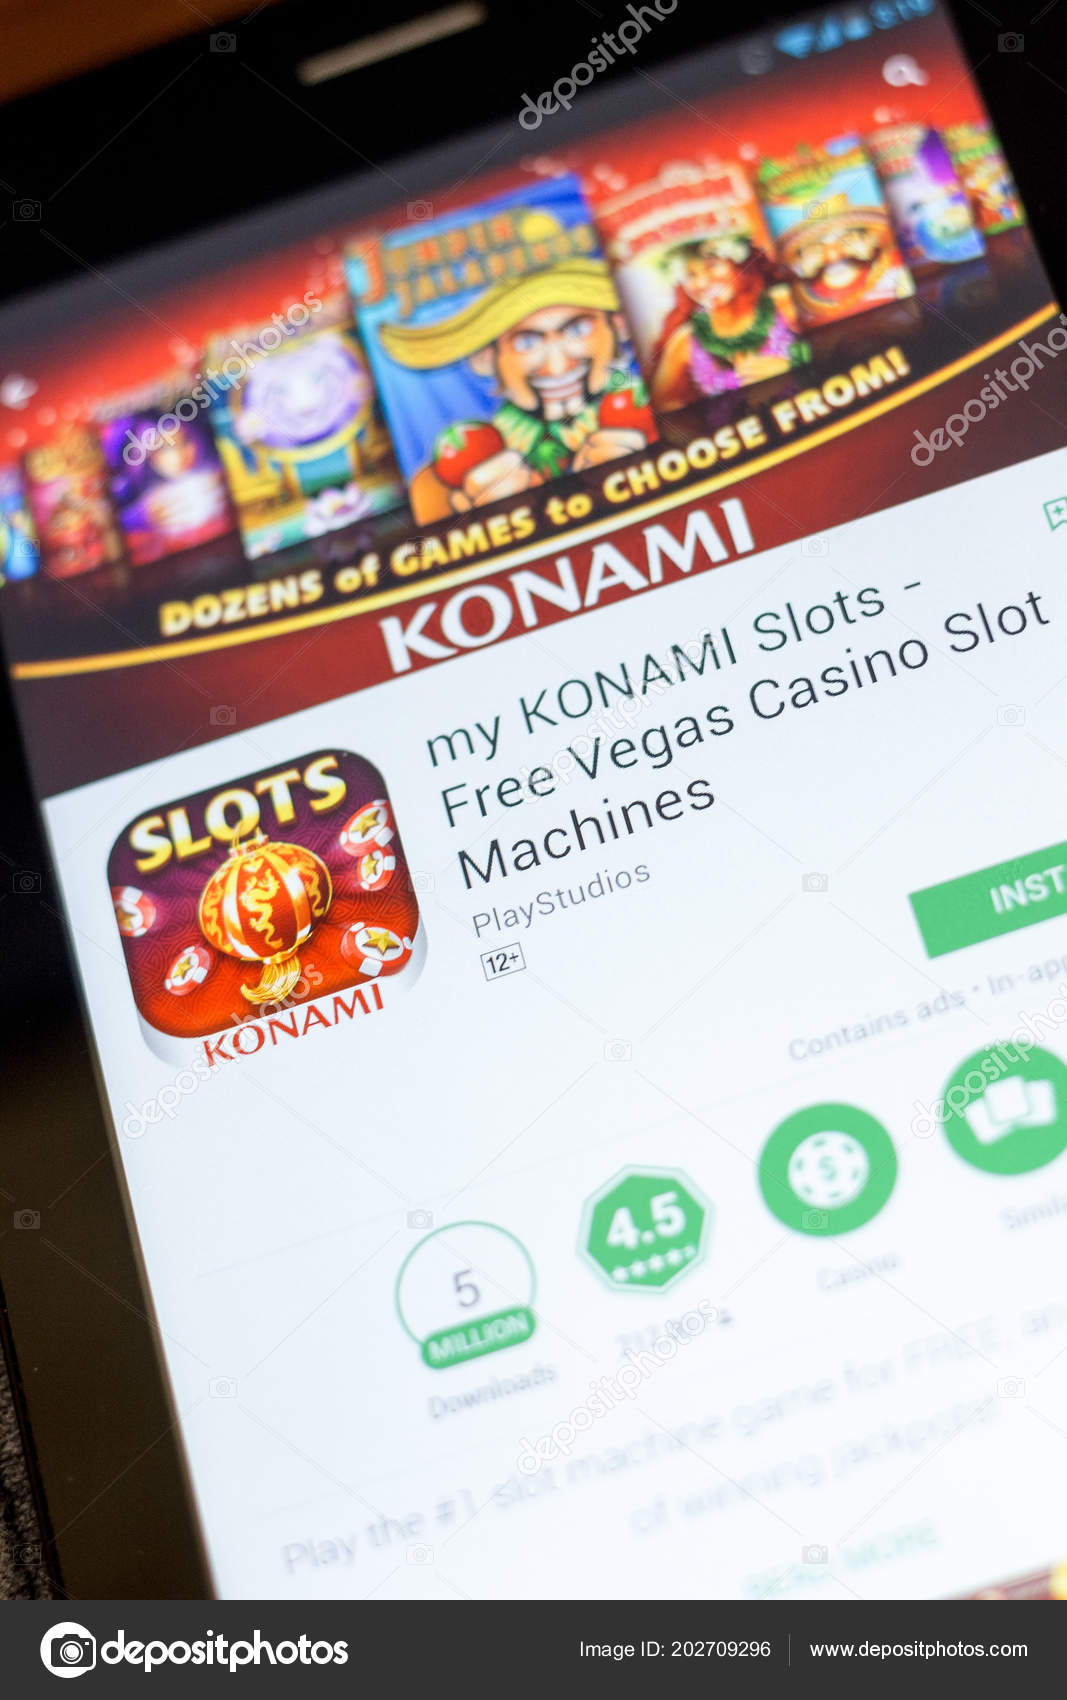 скачать бесплатно слоты игровых автоматов